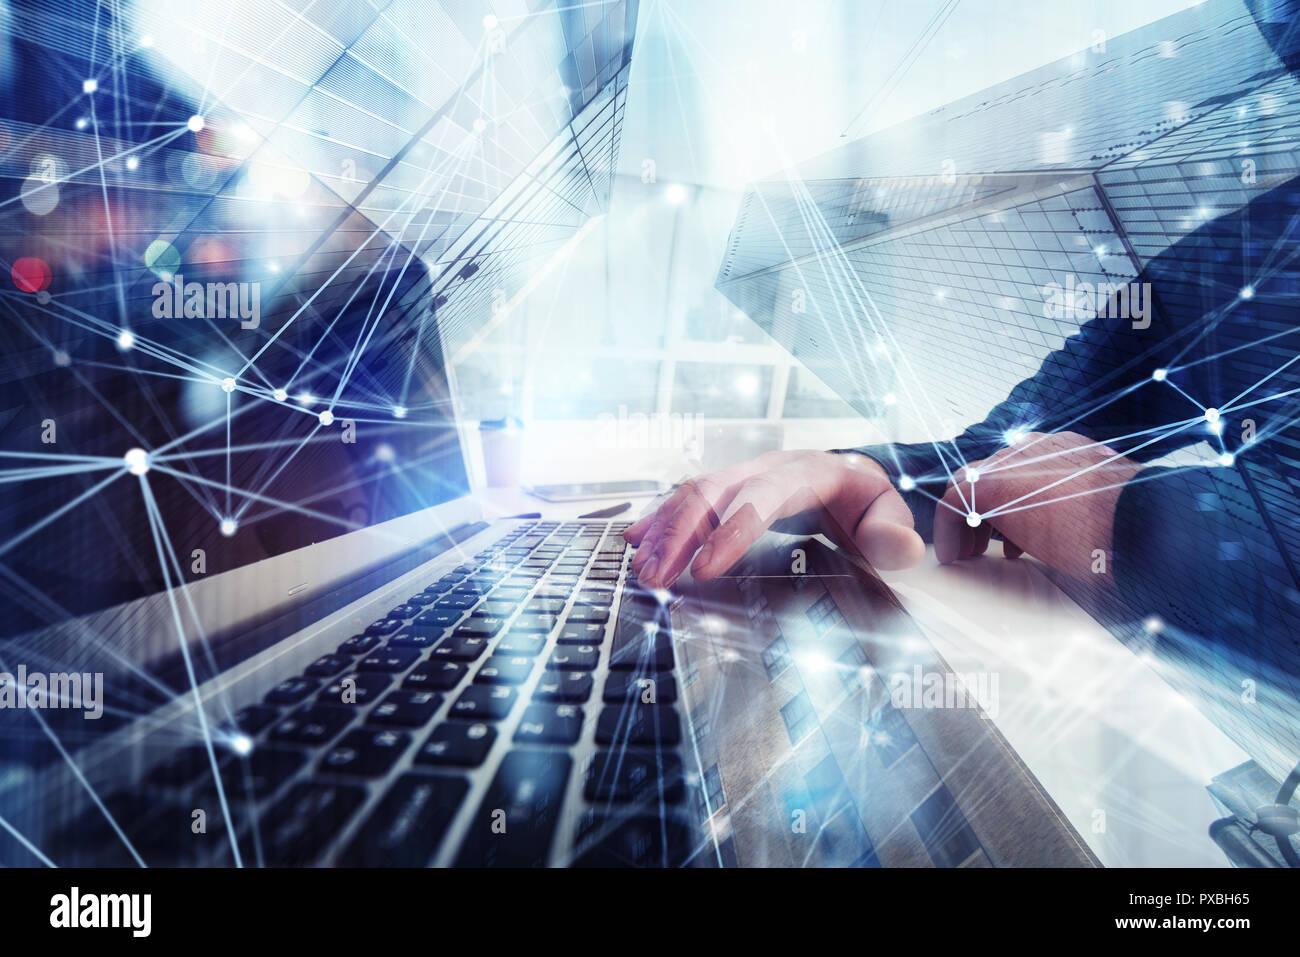 L'homme d'affaires travaille en bureau avec ordinateur portable au premier plan. Concept d'équipe et partenariat. double exposition avec les effets de réseau Photo Stock